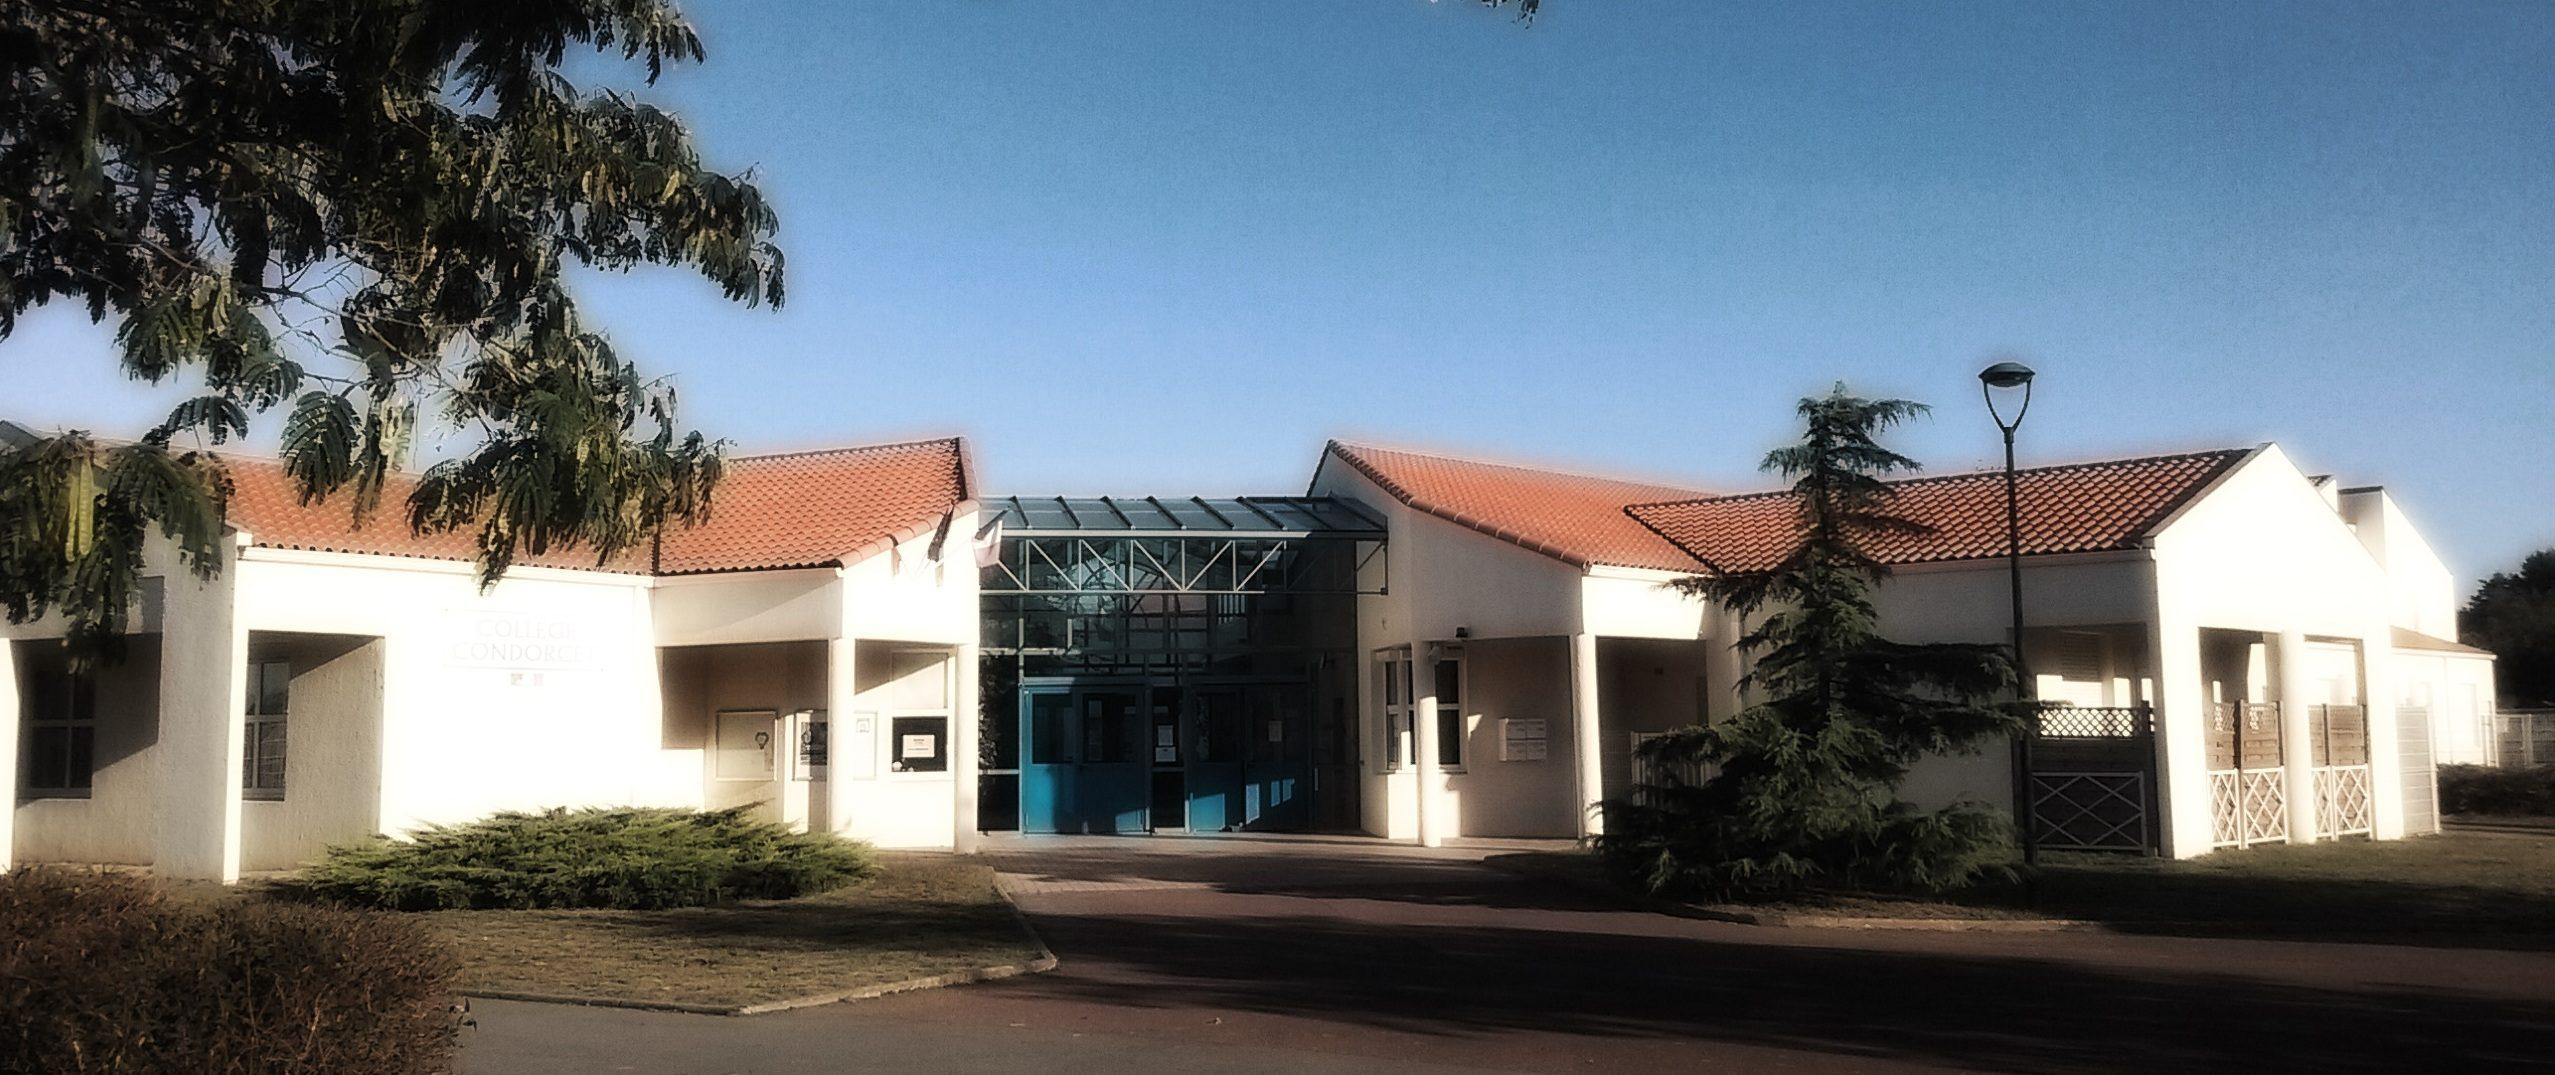 Foyer Grand Lieu Epaignes : Collège condorcet st philbert de grand lieu